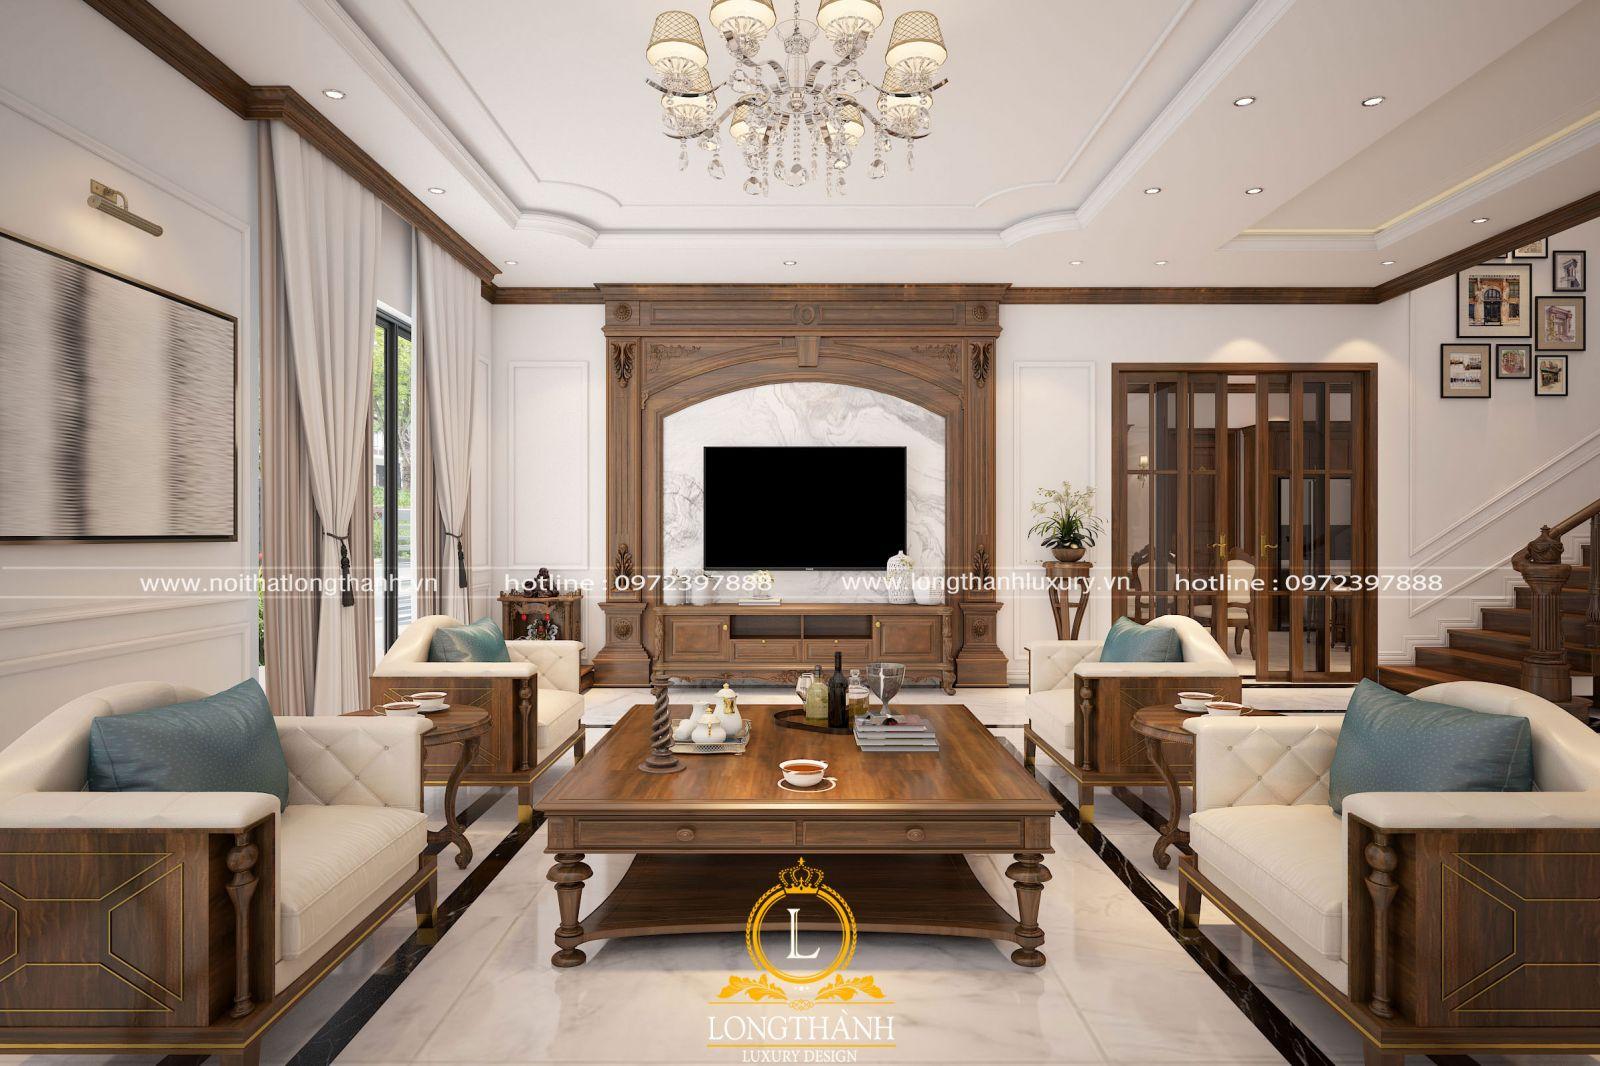 Bàn ghế gỗ phòng khách luôn được đặt làm trọng tâm